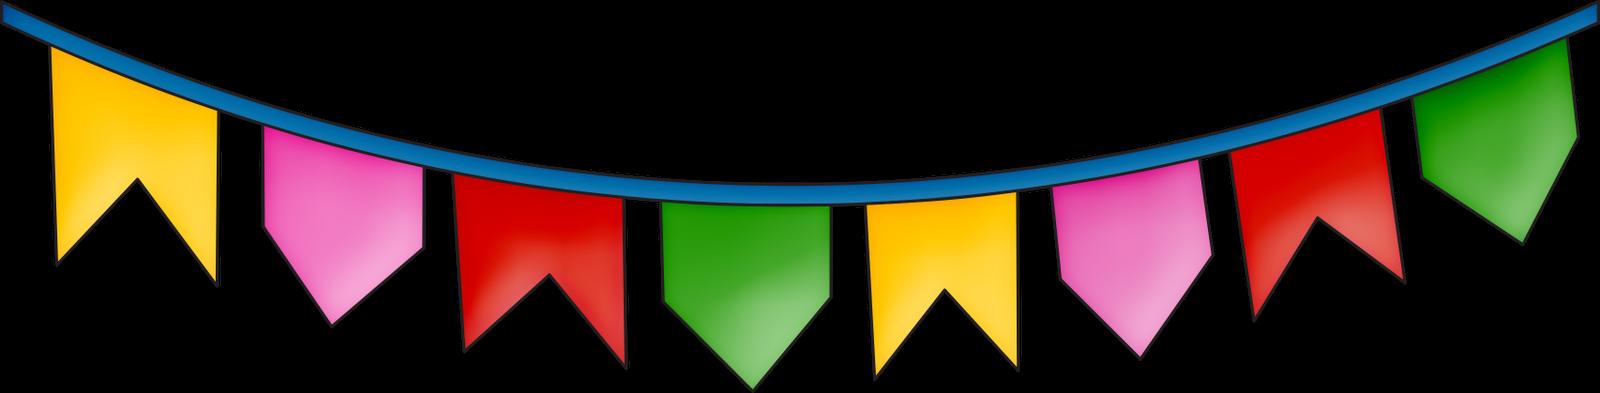 bandeirinhas para festa junina 2